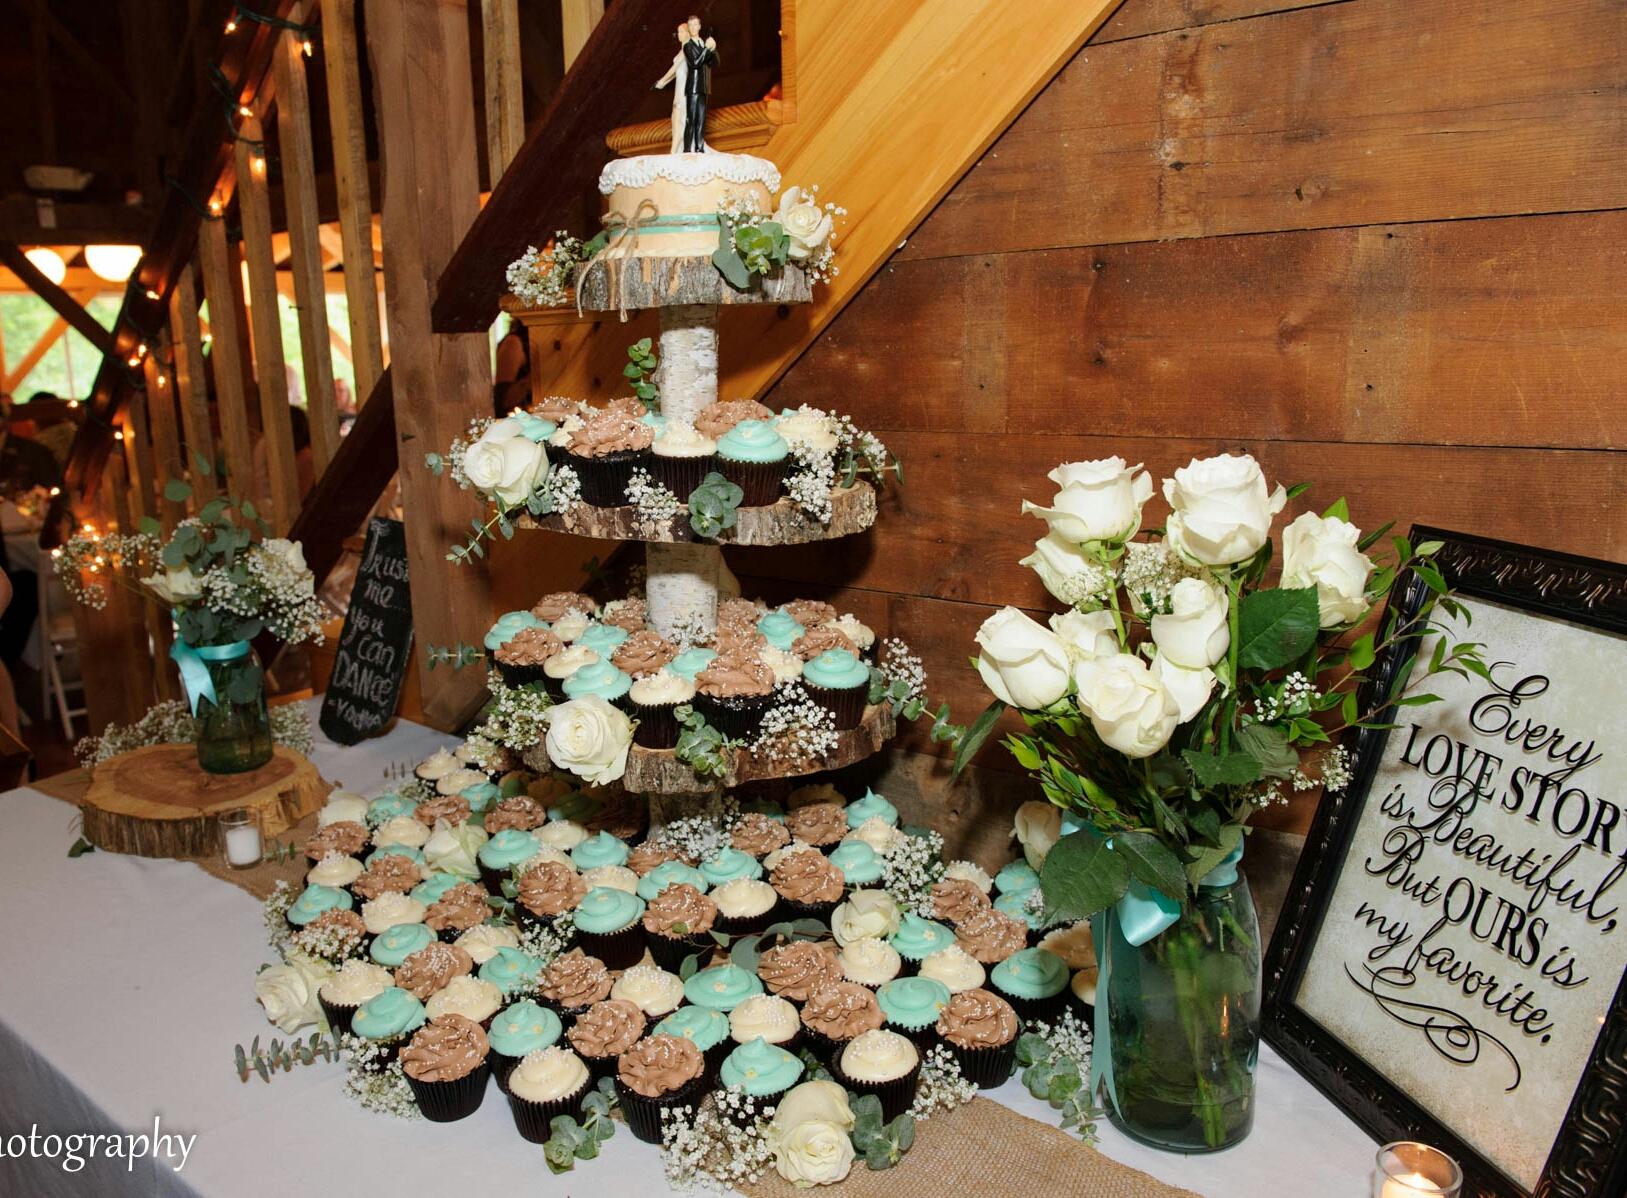 b&joe cupcakes.jpg